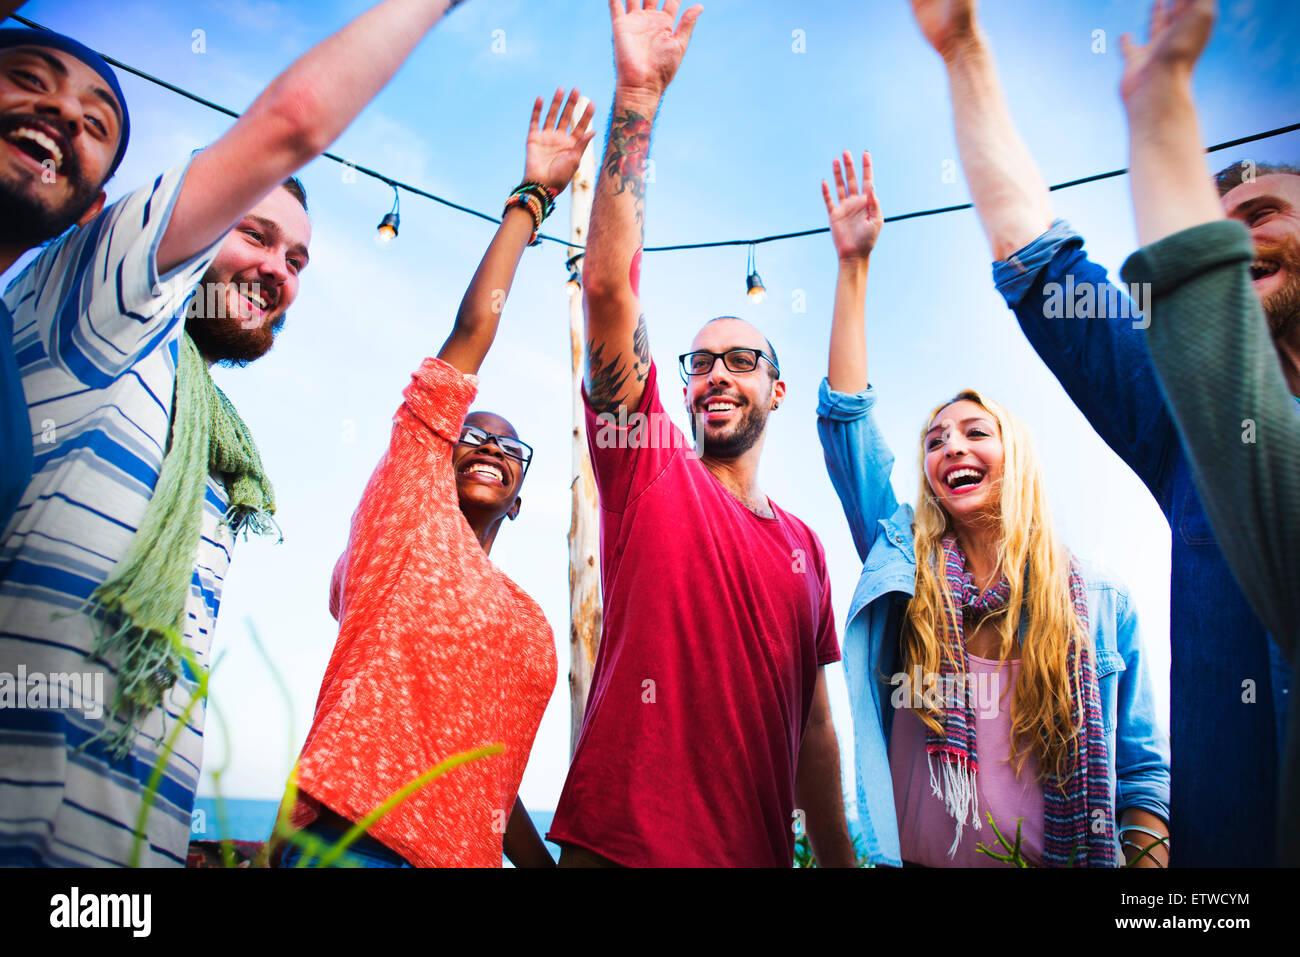 Beach Party cena amicizia felicità il concetto di estate Immagini Stock